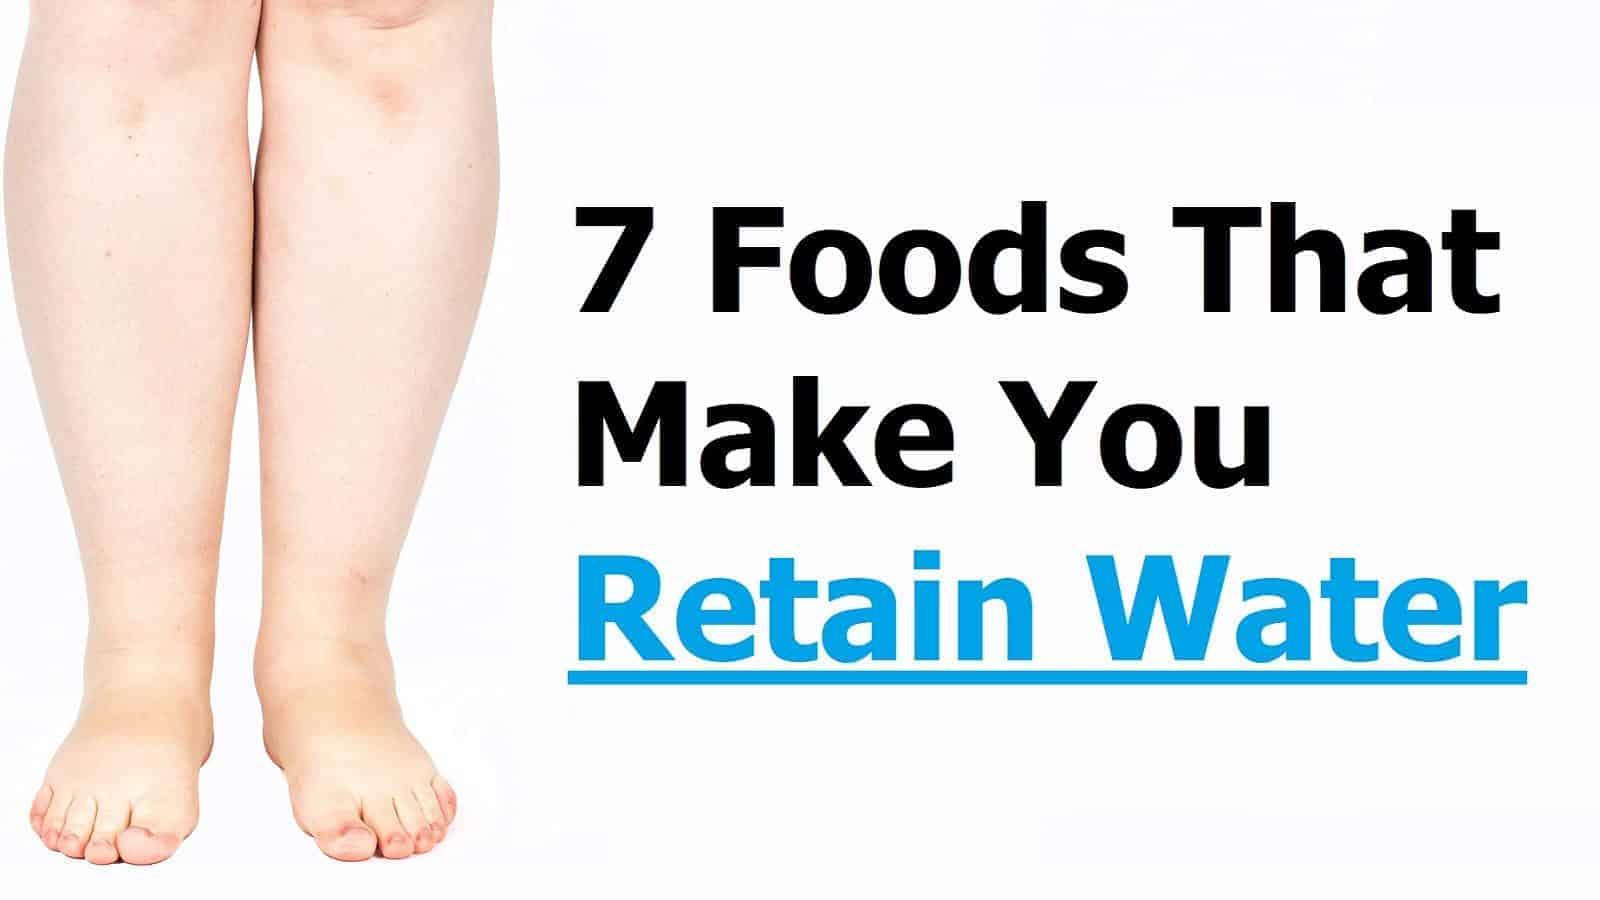 retain water